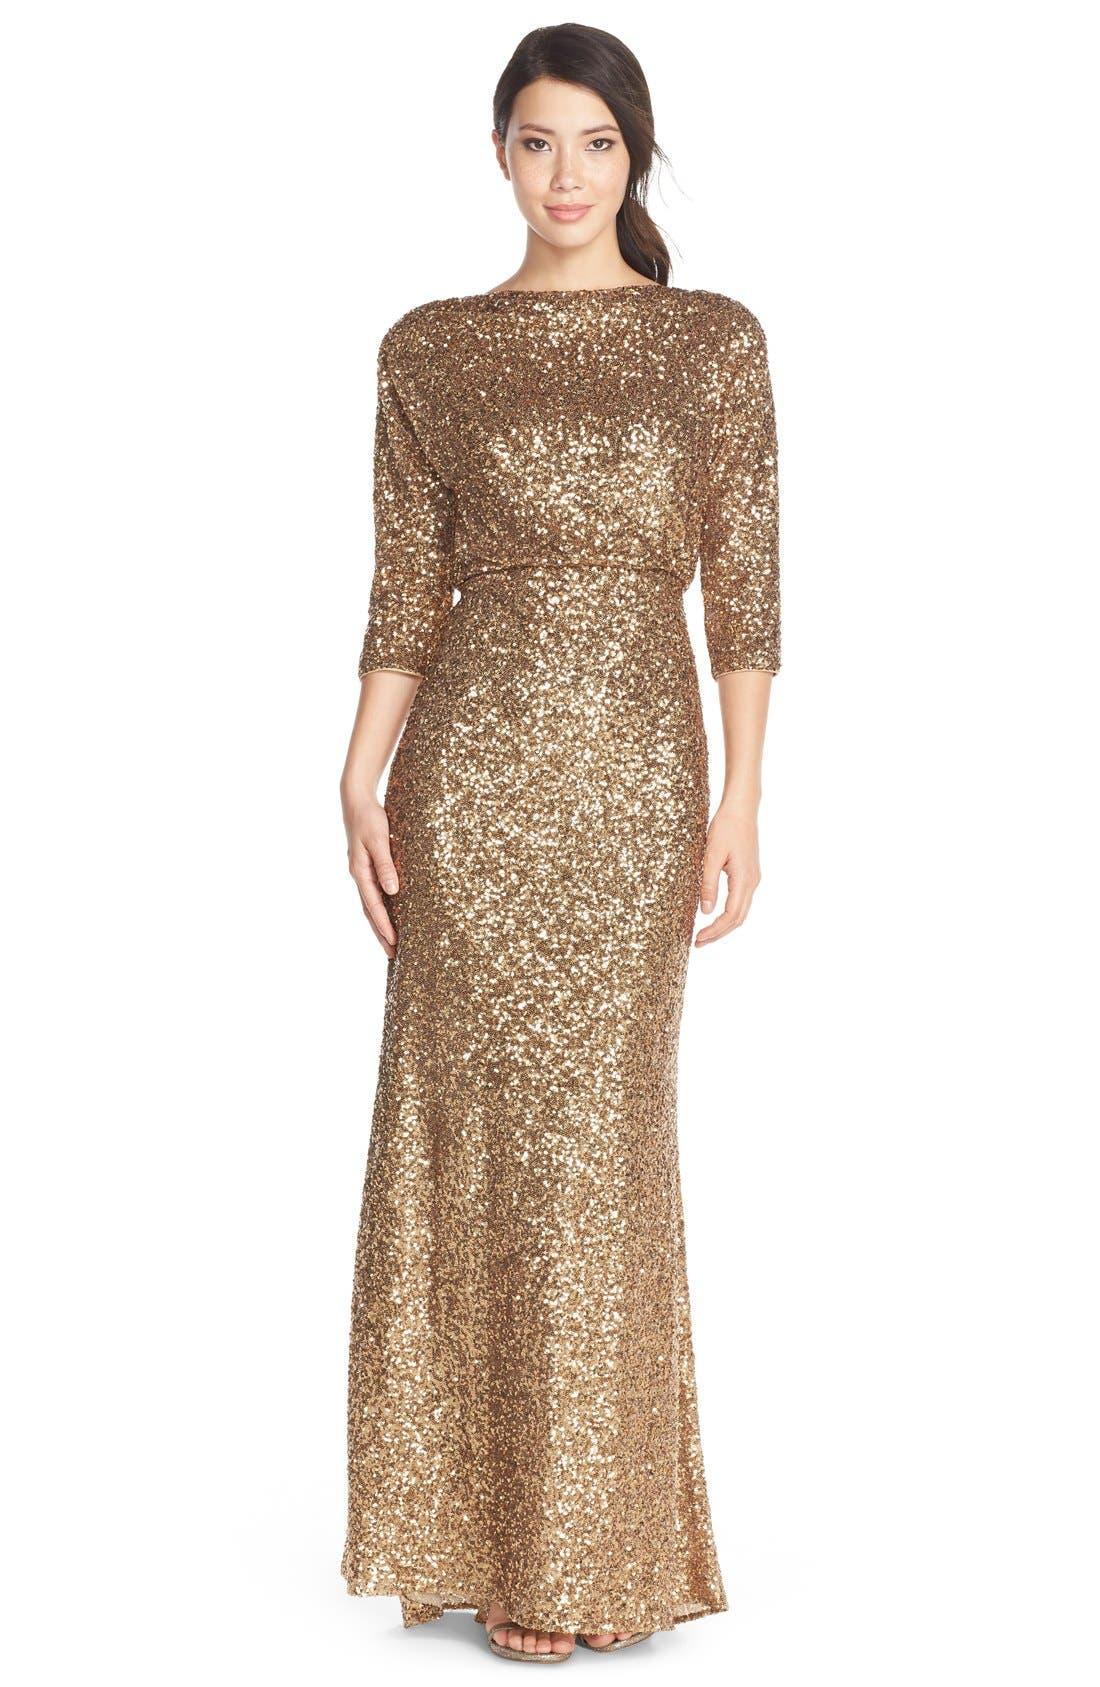 Main Image - Badgley Mischka Sequin Blouson Gown